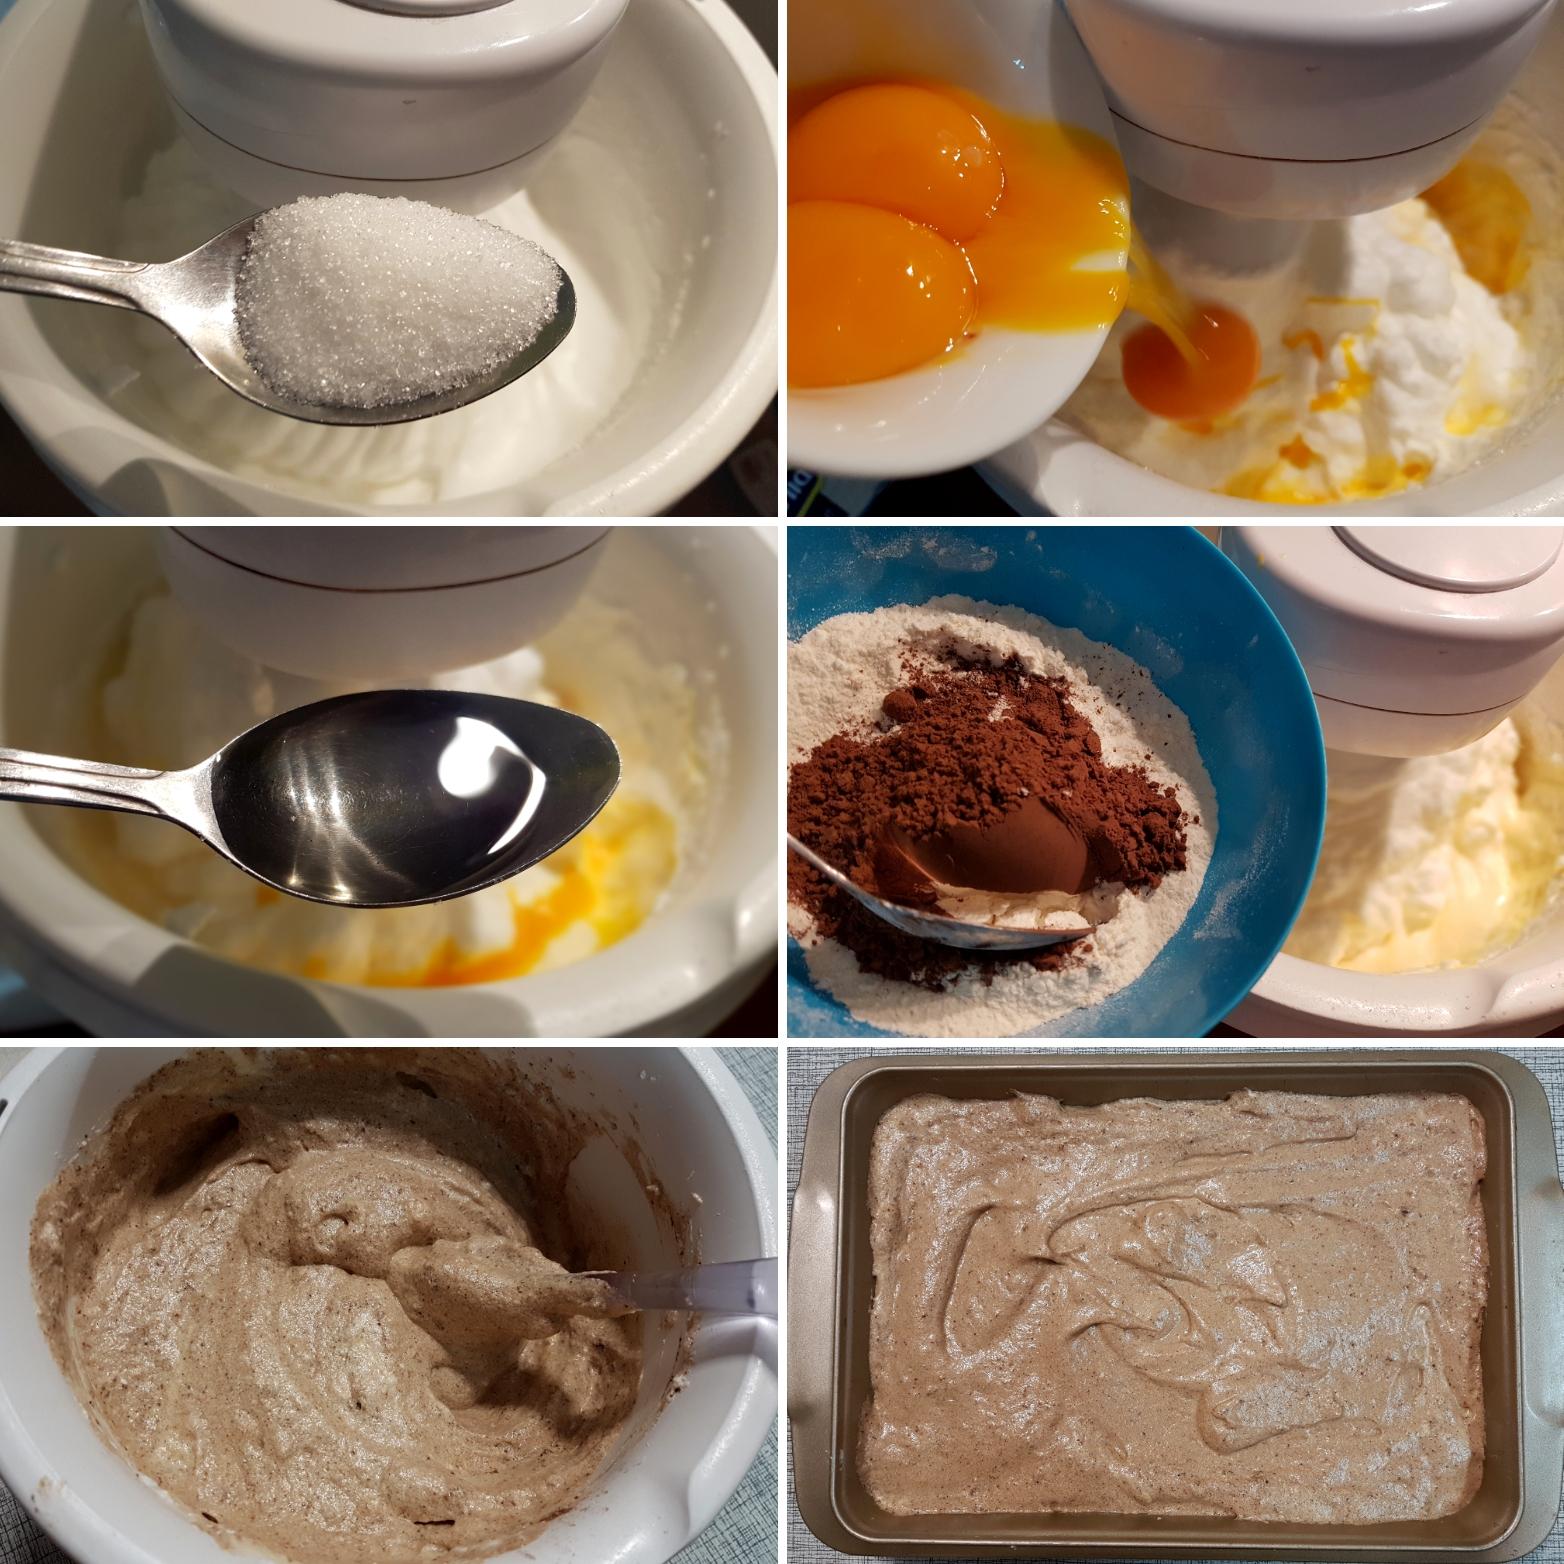 Cokoladni-kolac-sa-kestenom-4